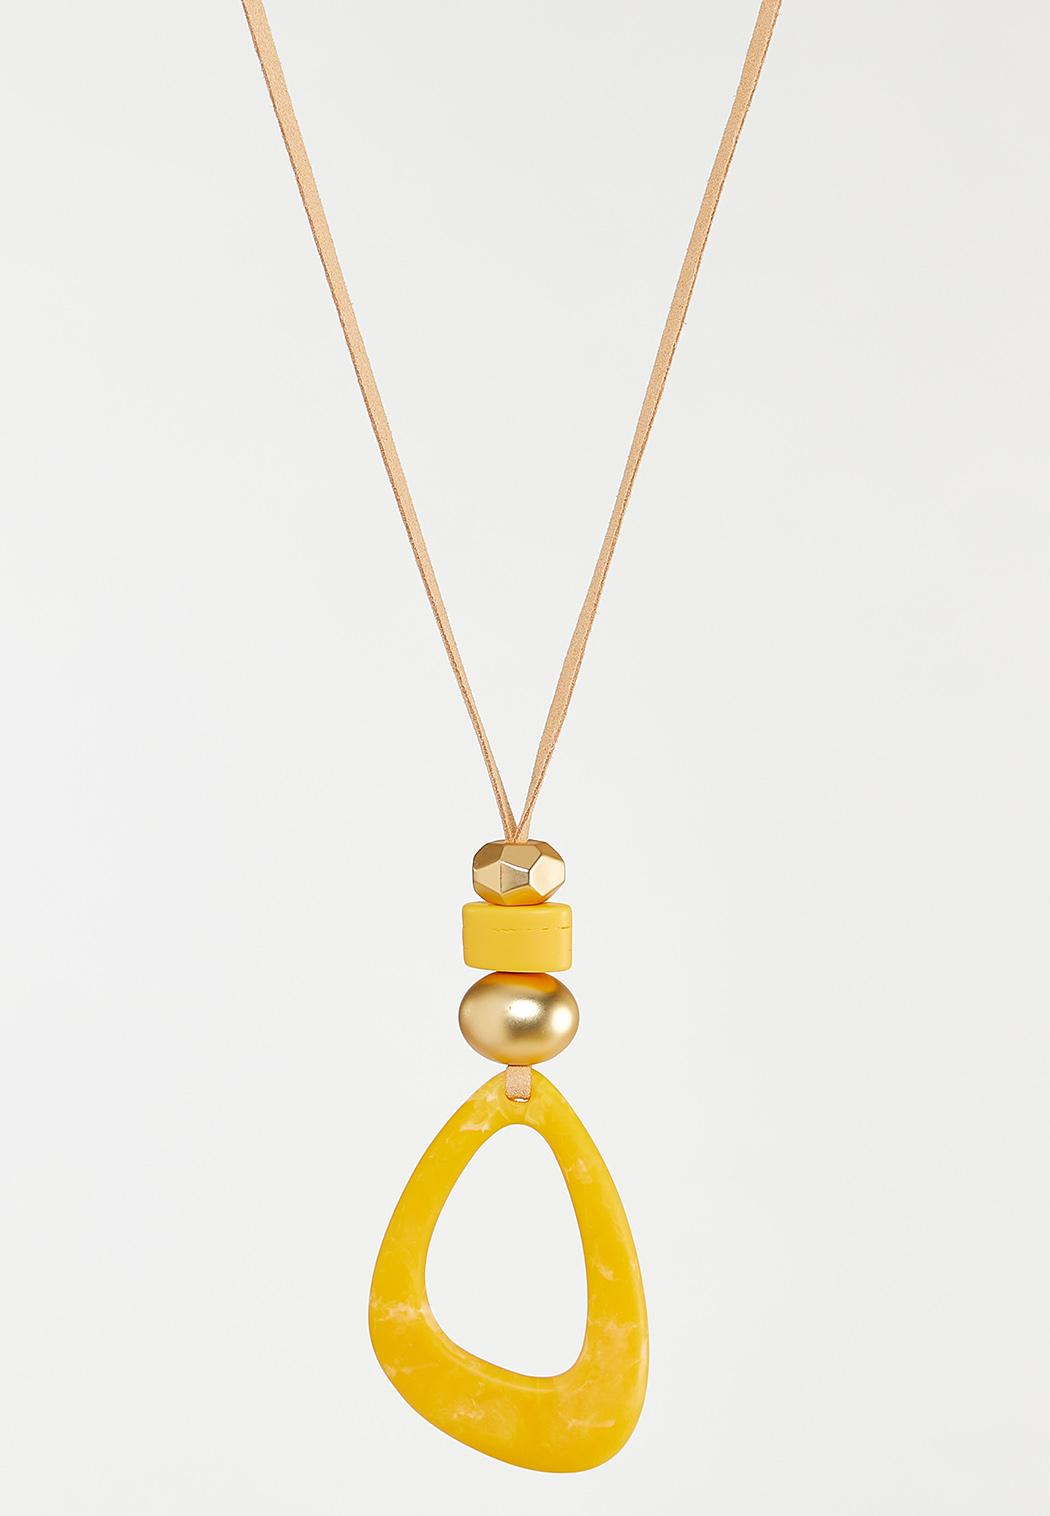 Sunshine Yellow Pendant Necklace